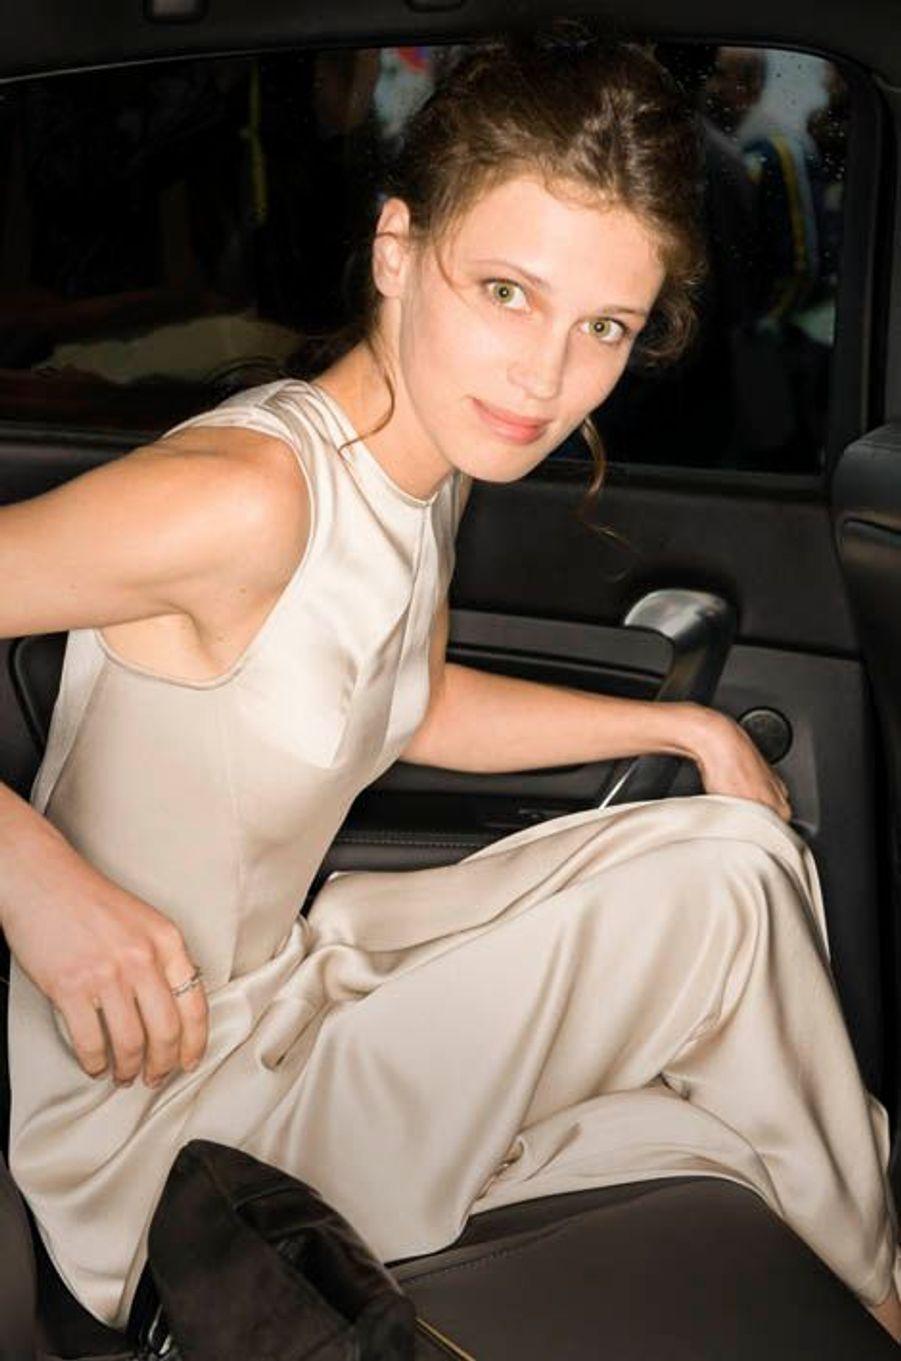 Mercredi 15 mai, en robe Cédric Charlier, en route pour le Palais des Festivals où elle présentait « Jeune et jolie », de François Ozon. Trop d'émotion : la jeune Française s'est retrouvée en pleurs sur le tapis rouge.